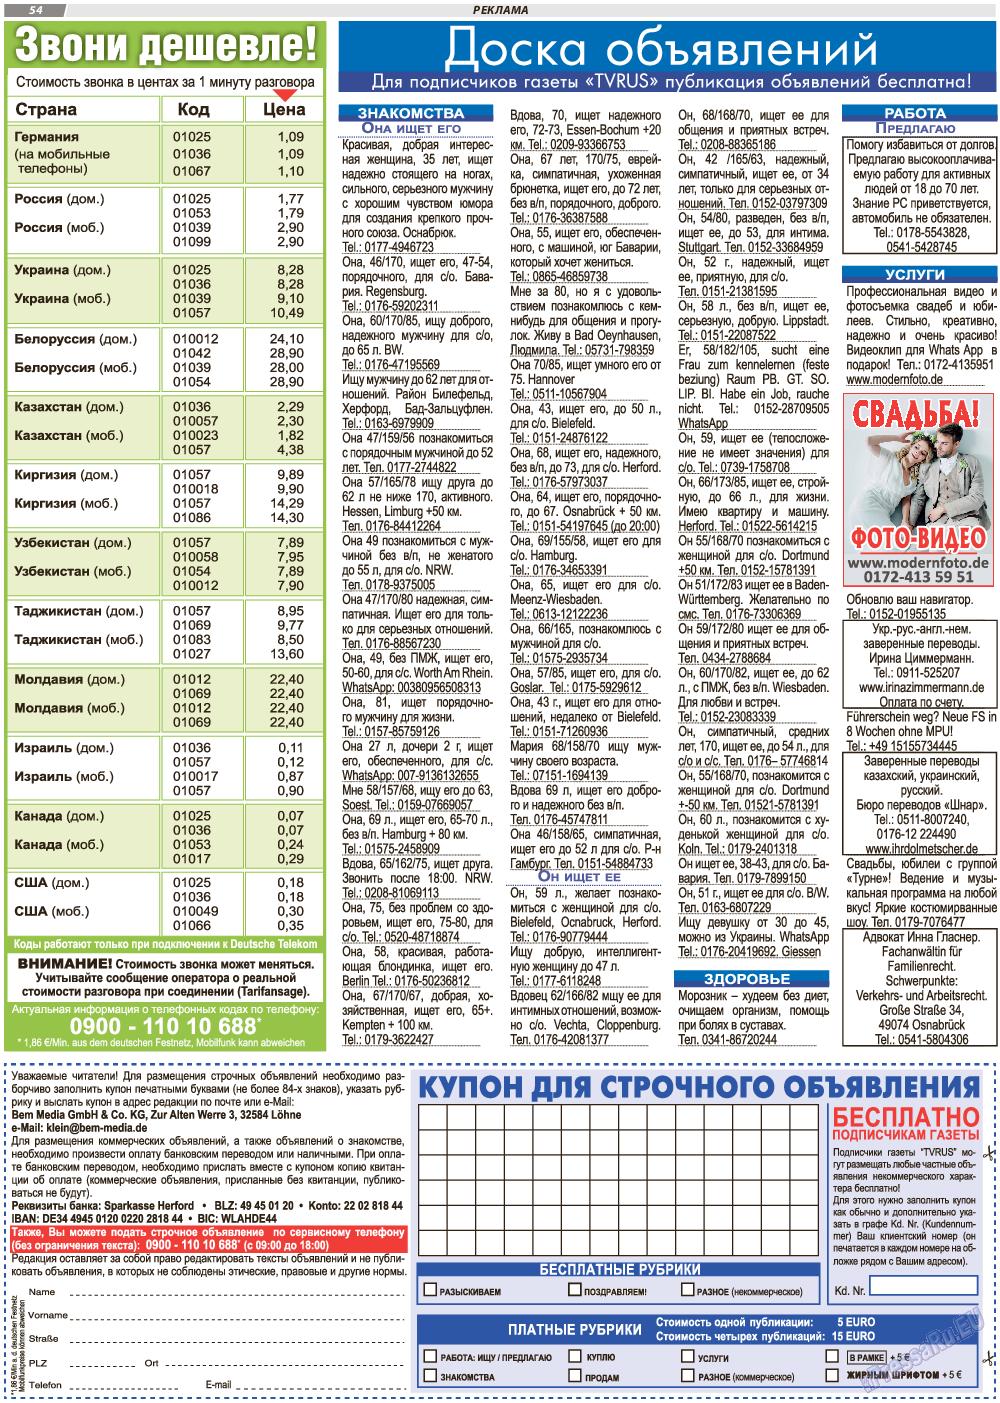 TVrus (газета). 2020 год, номер 37, стр. 54